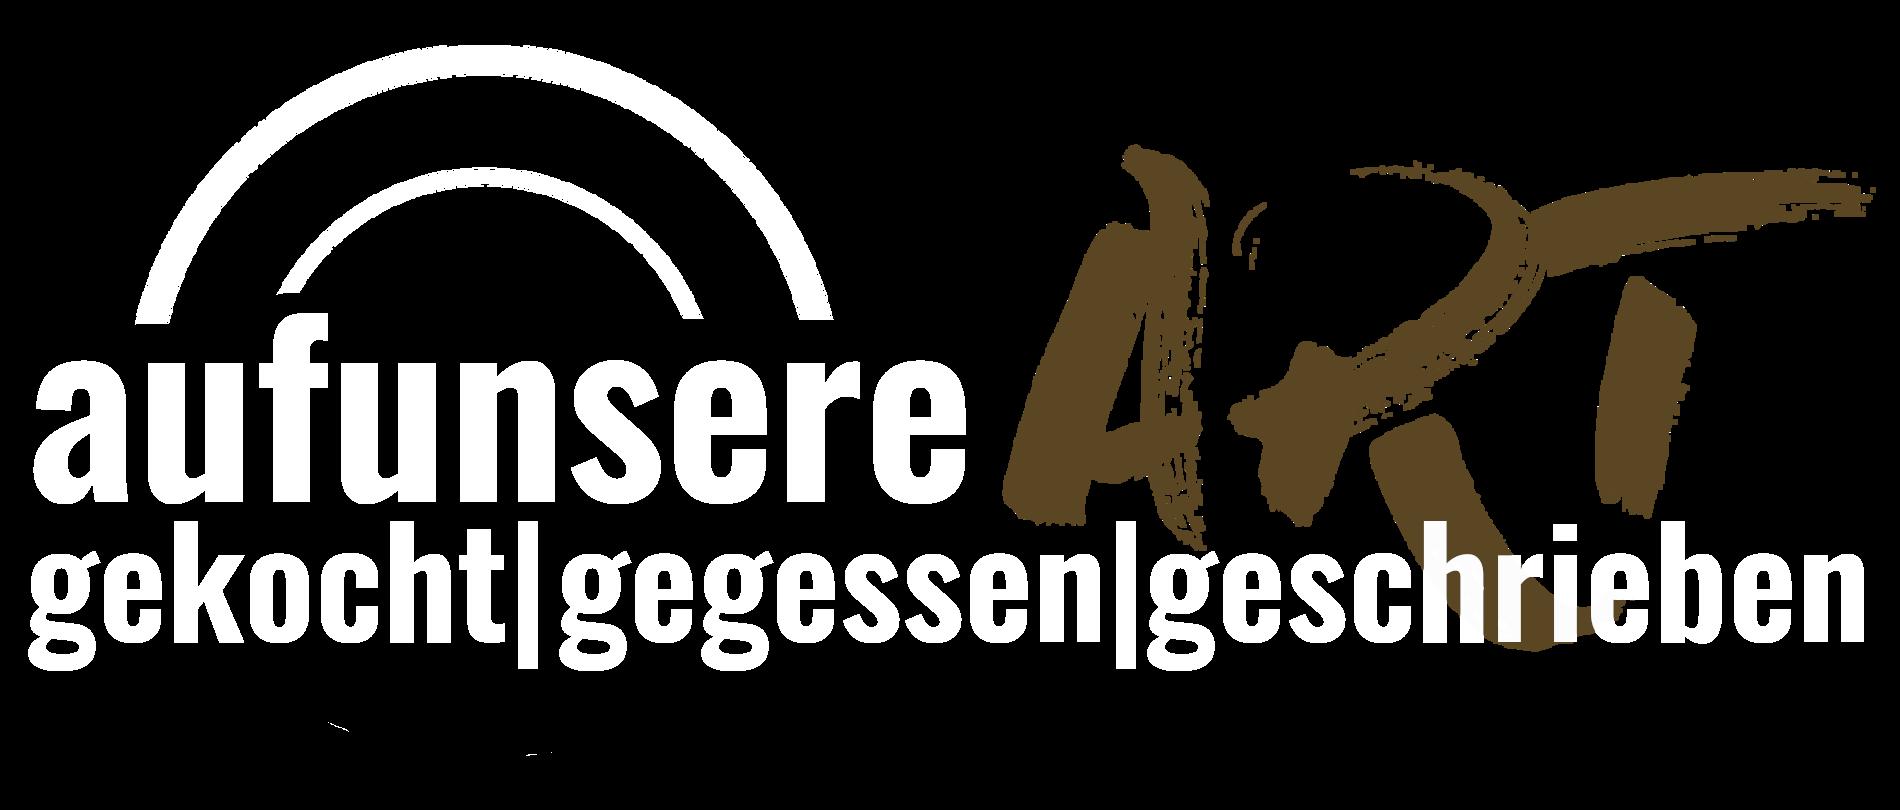 Logo Footer AufunsereArt